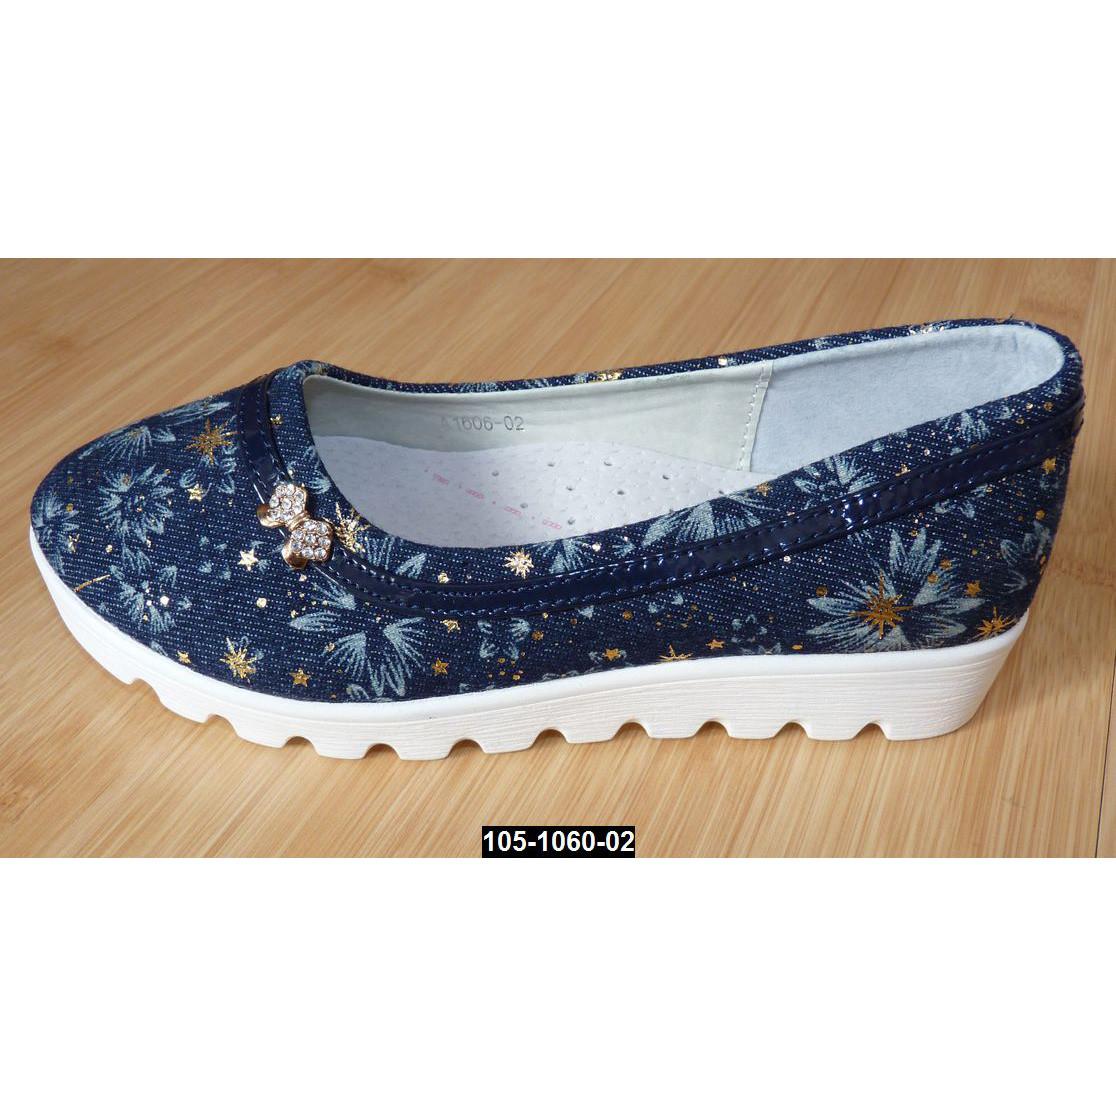 Джинсовые туфли для девочки, 33-34 размер, супинатор, кожаная стелька, тракторная подошва